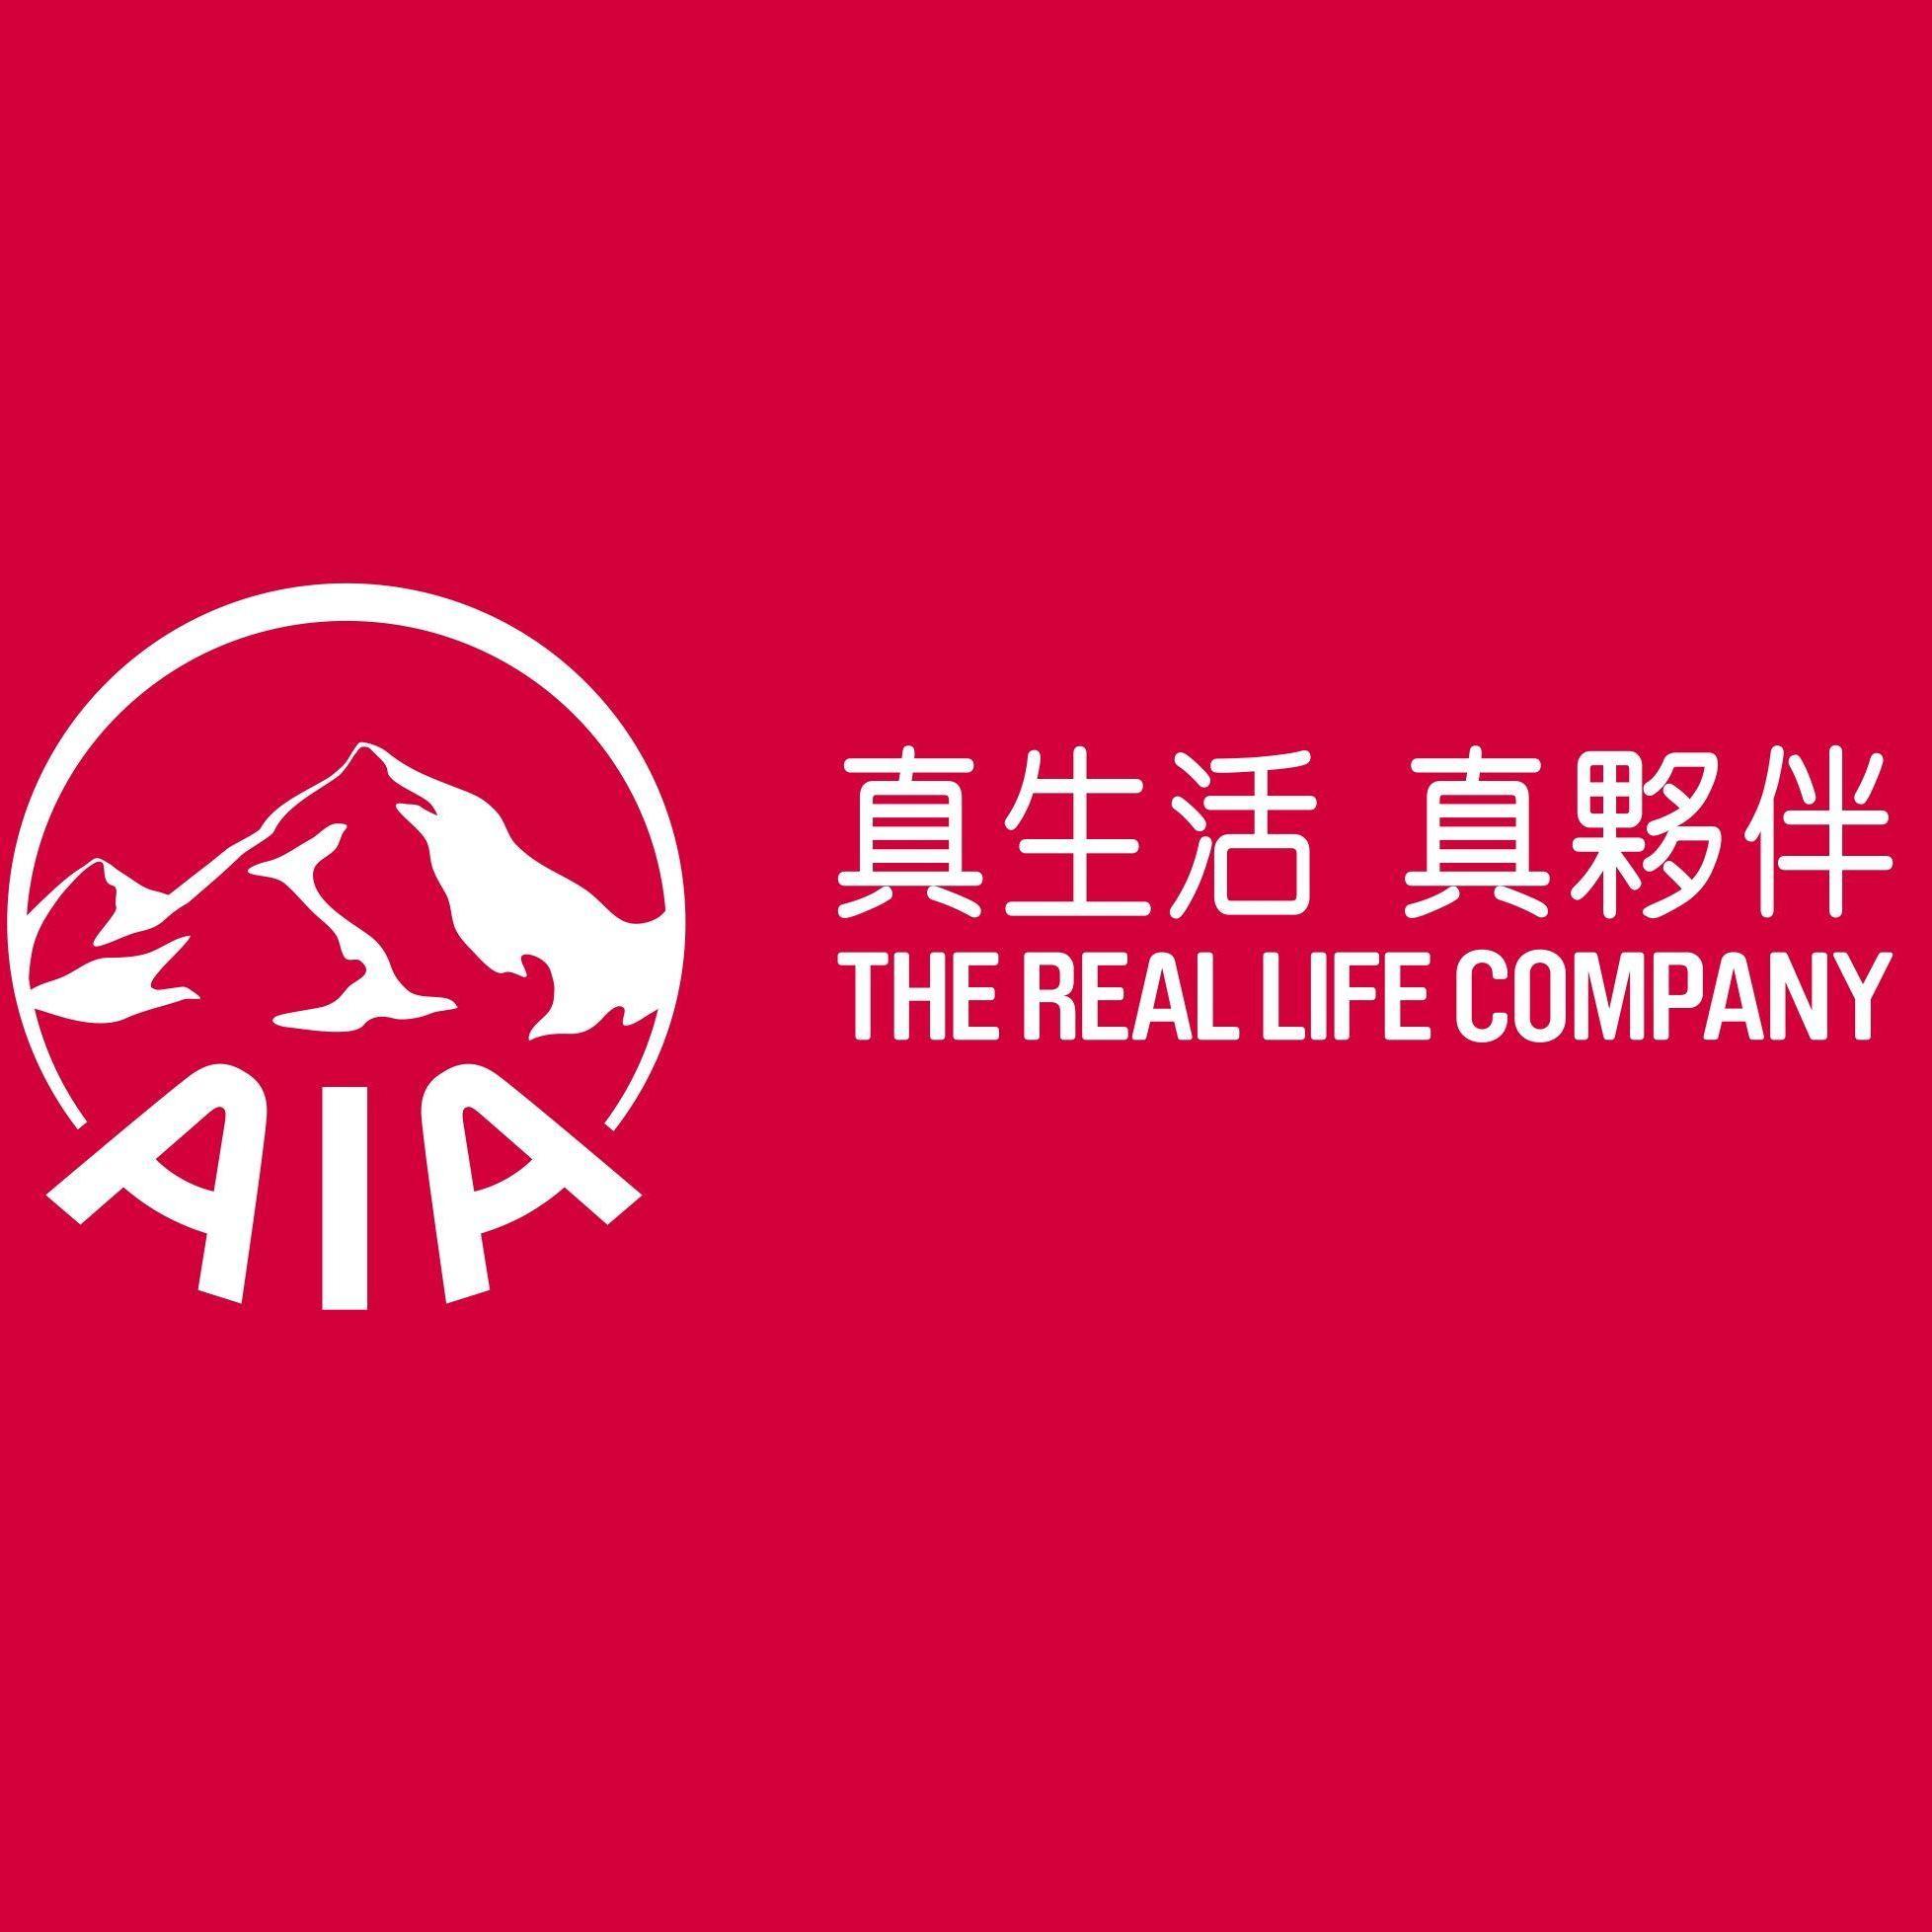 友邦保险有限公司东莞分公司--王小姐